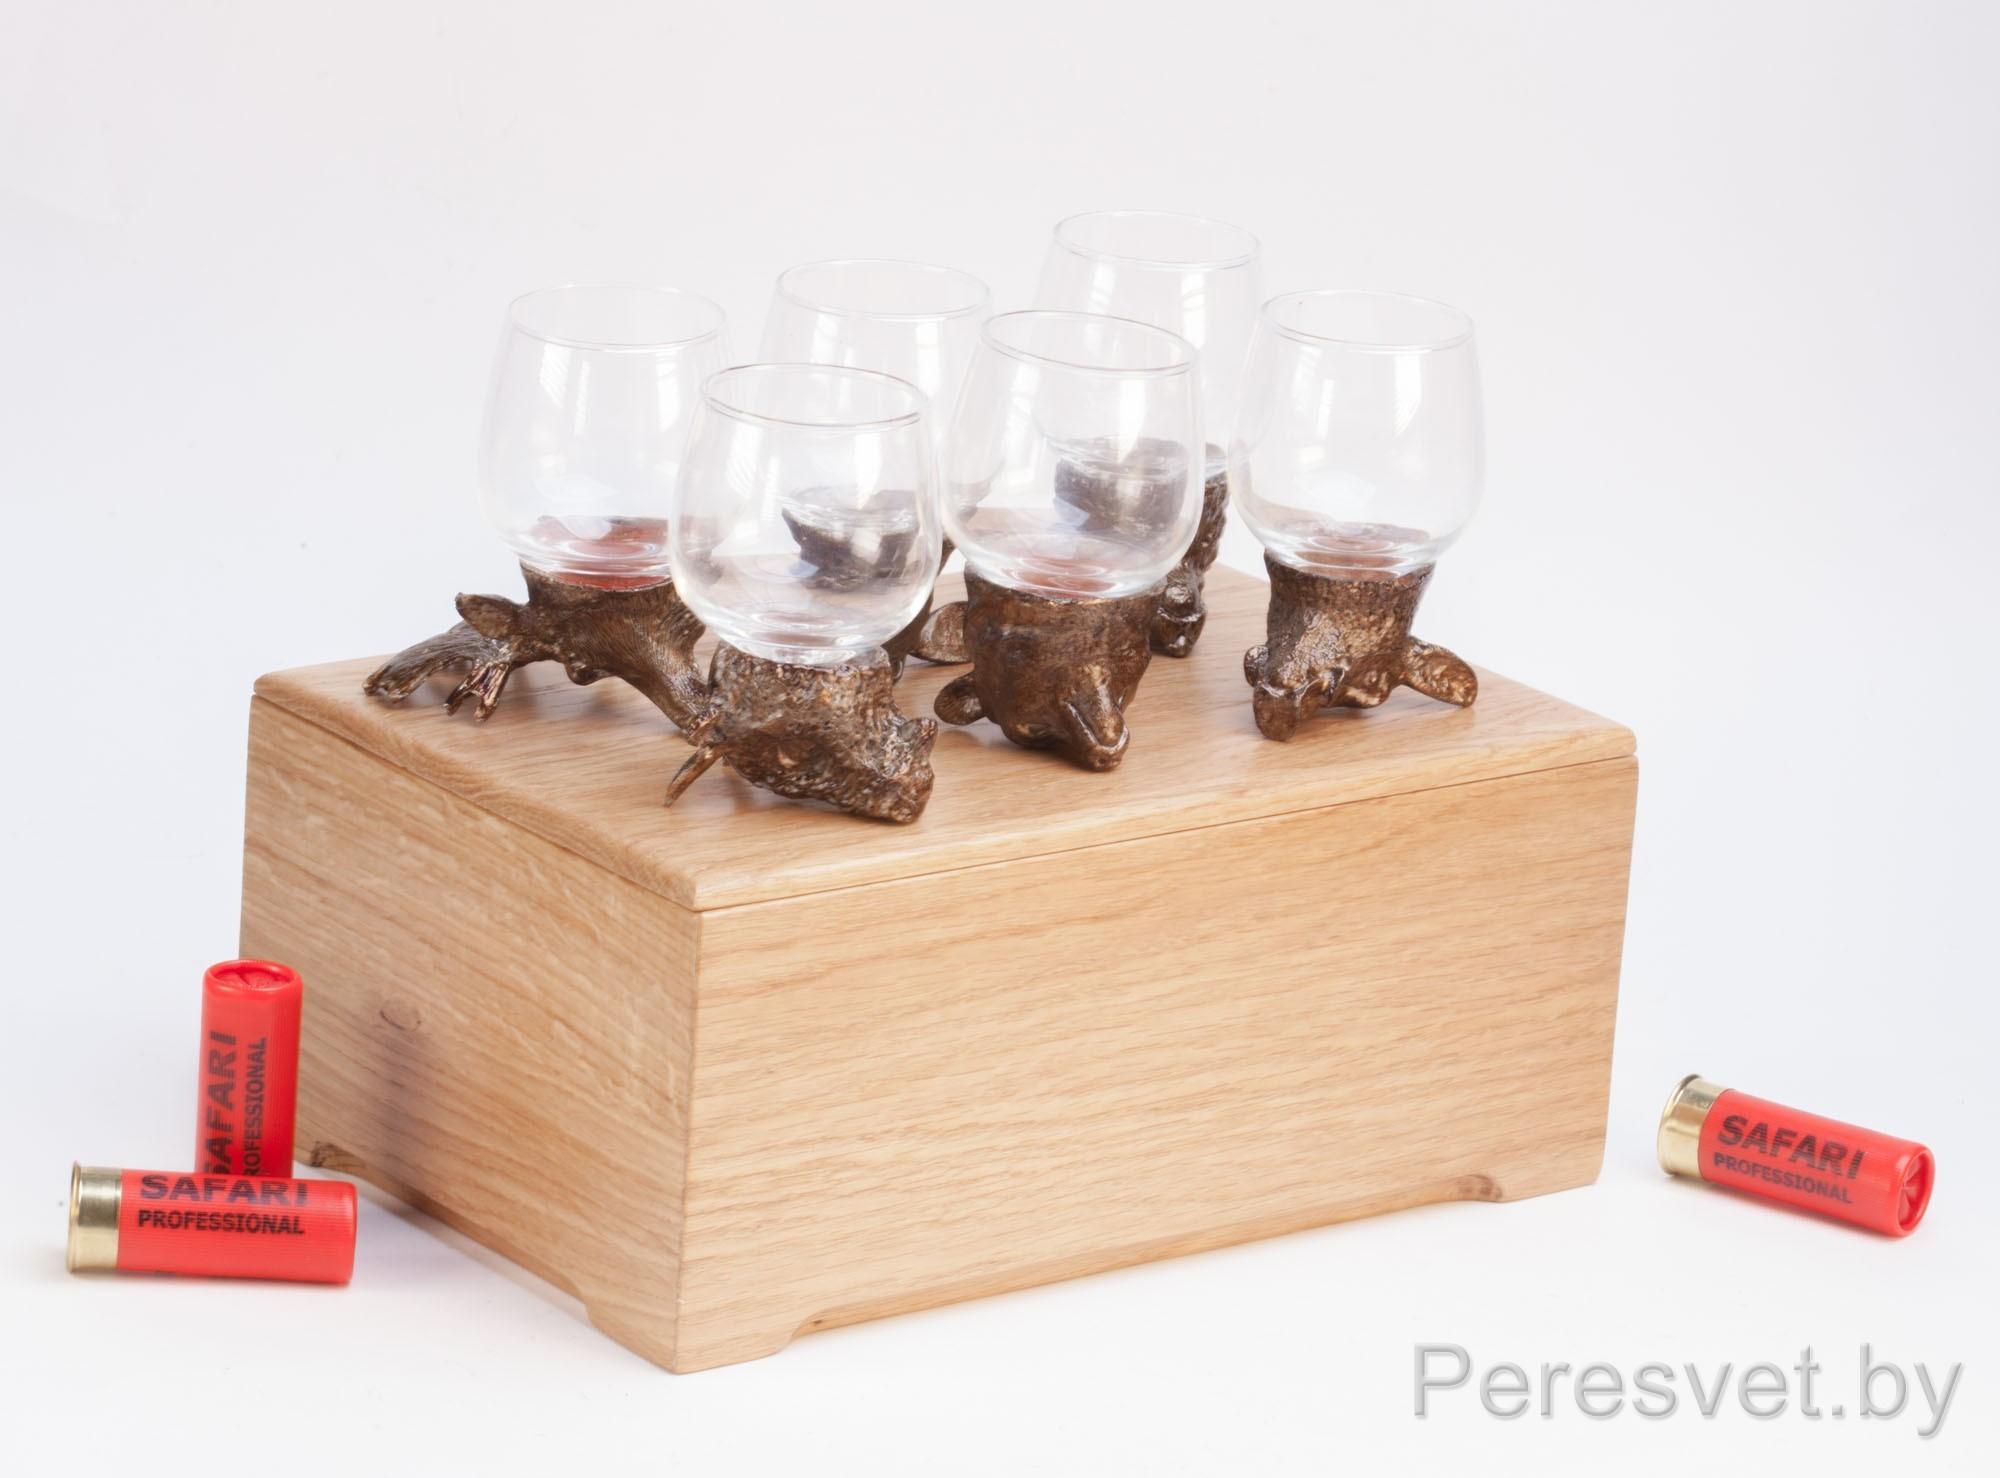 Рюмки перевертыши подарочный набор Охотничьи трофеи дуб №4 на peresvet.by